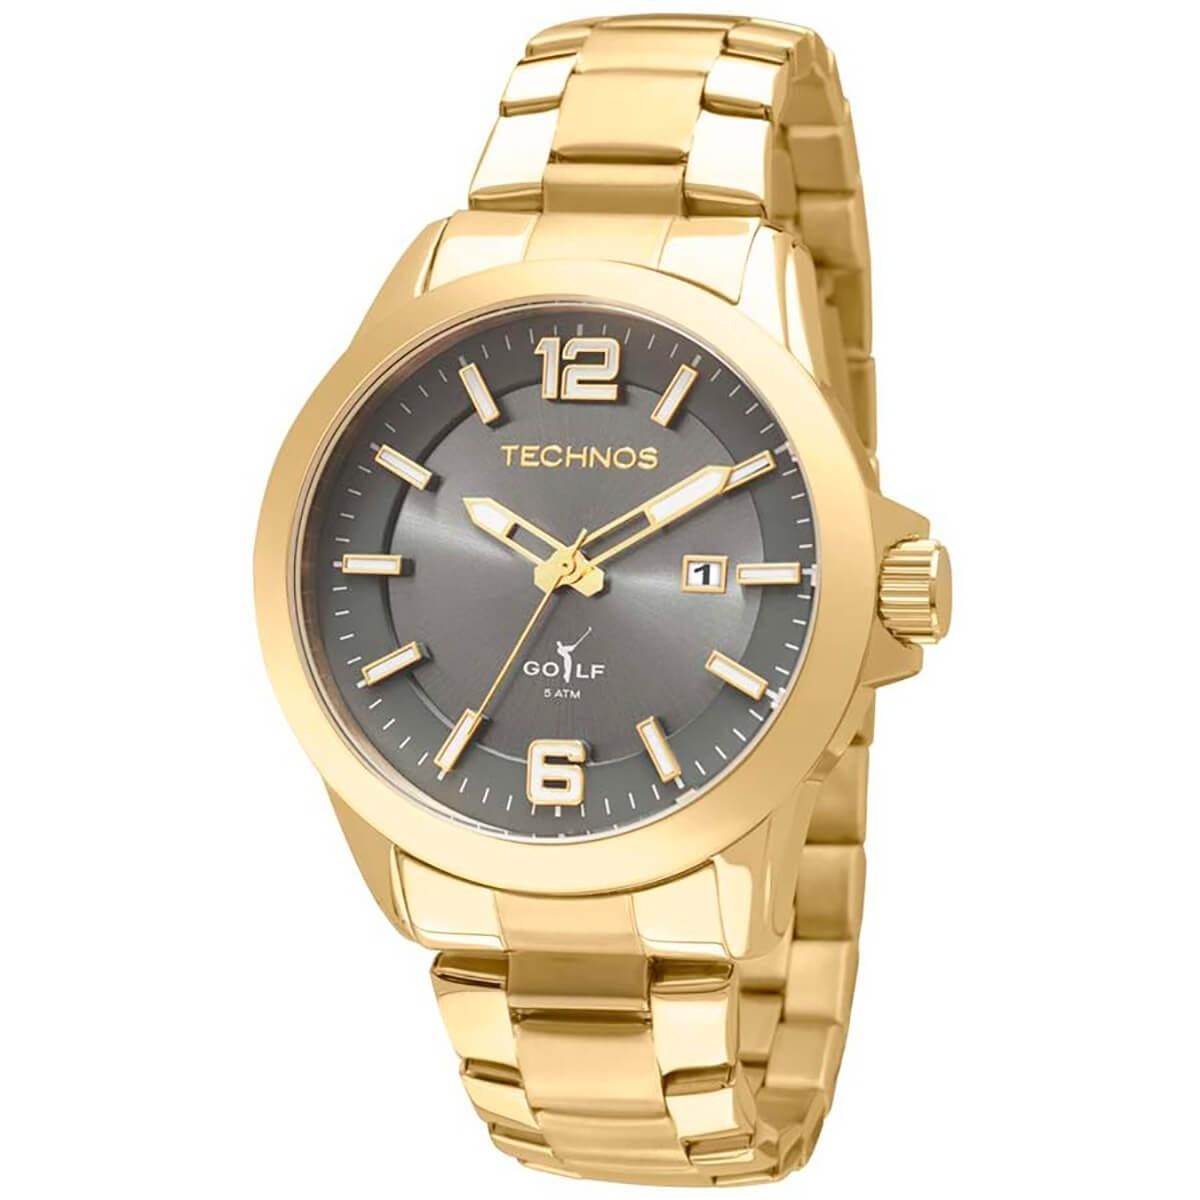 Relógio Technos Masculino - 2115KPX/4P  - Dumont Online - Joias e Relógios